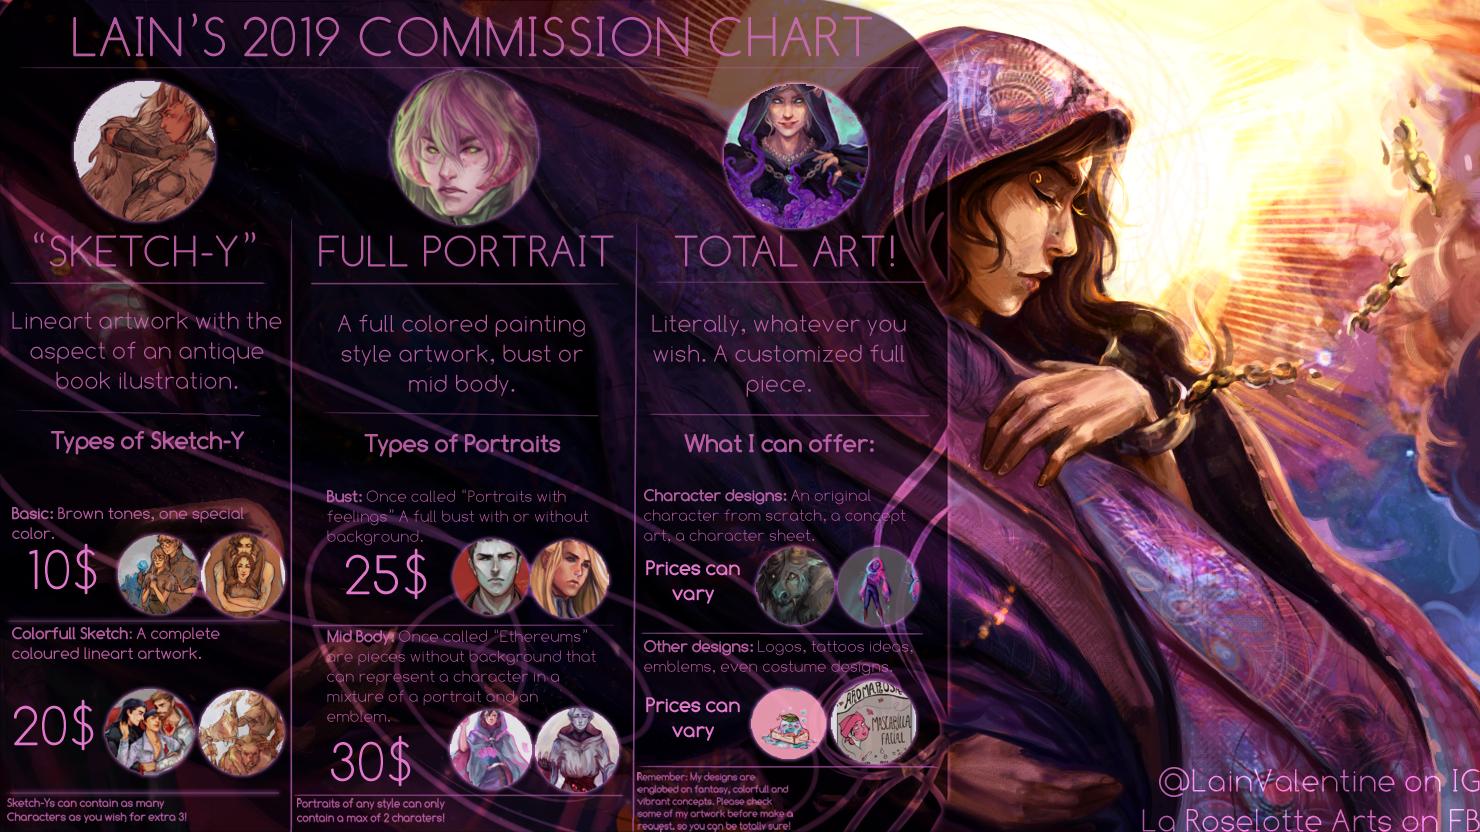 2019 Commission Chart